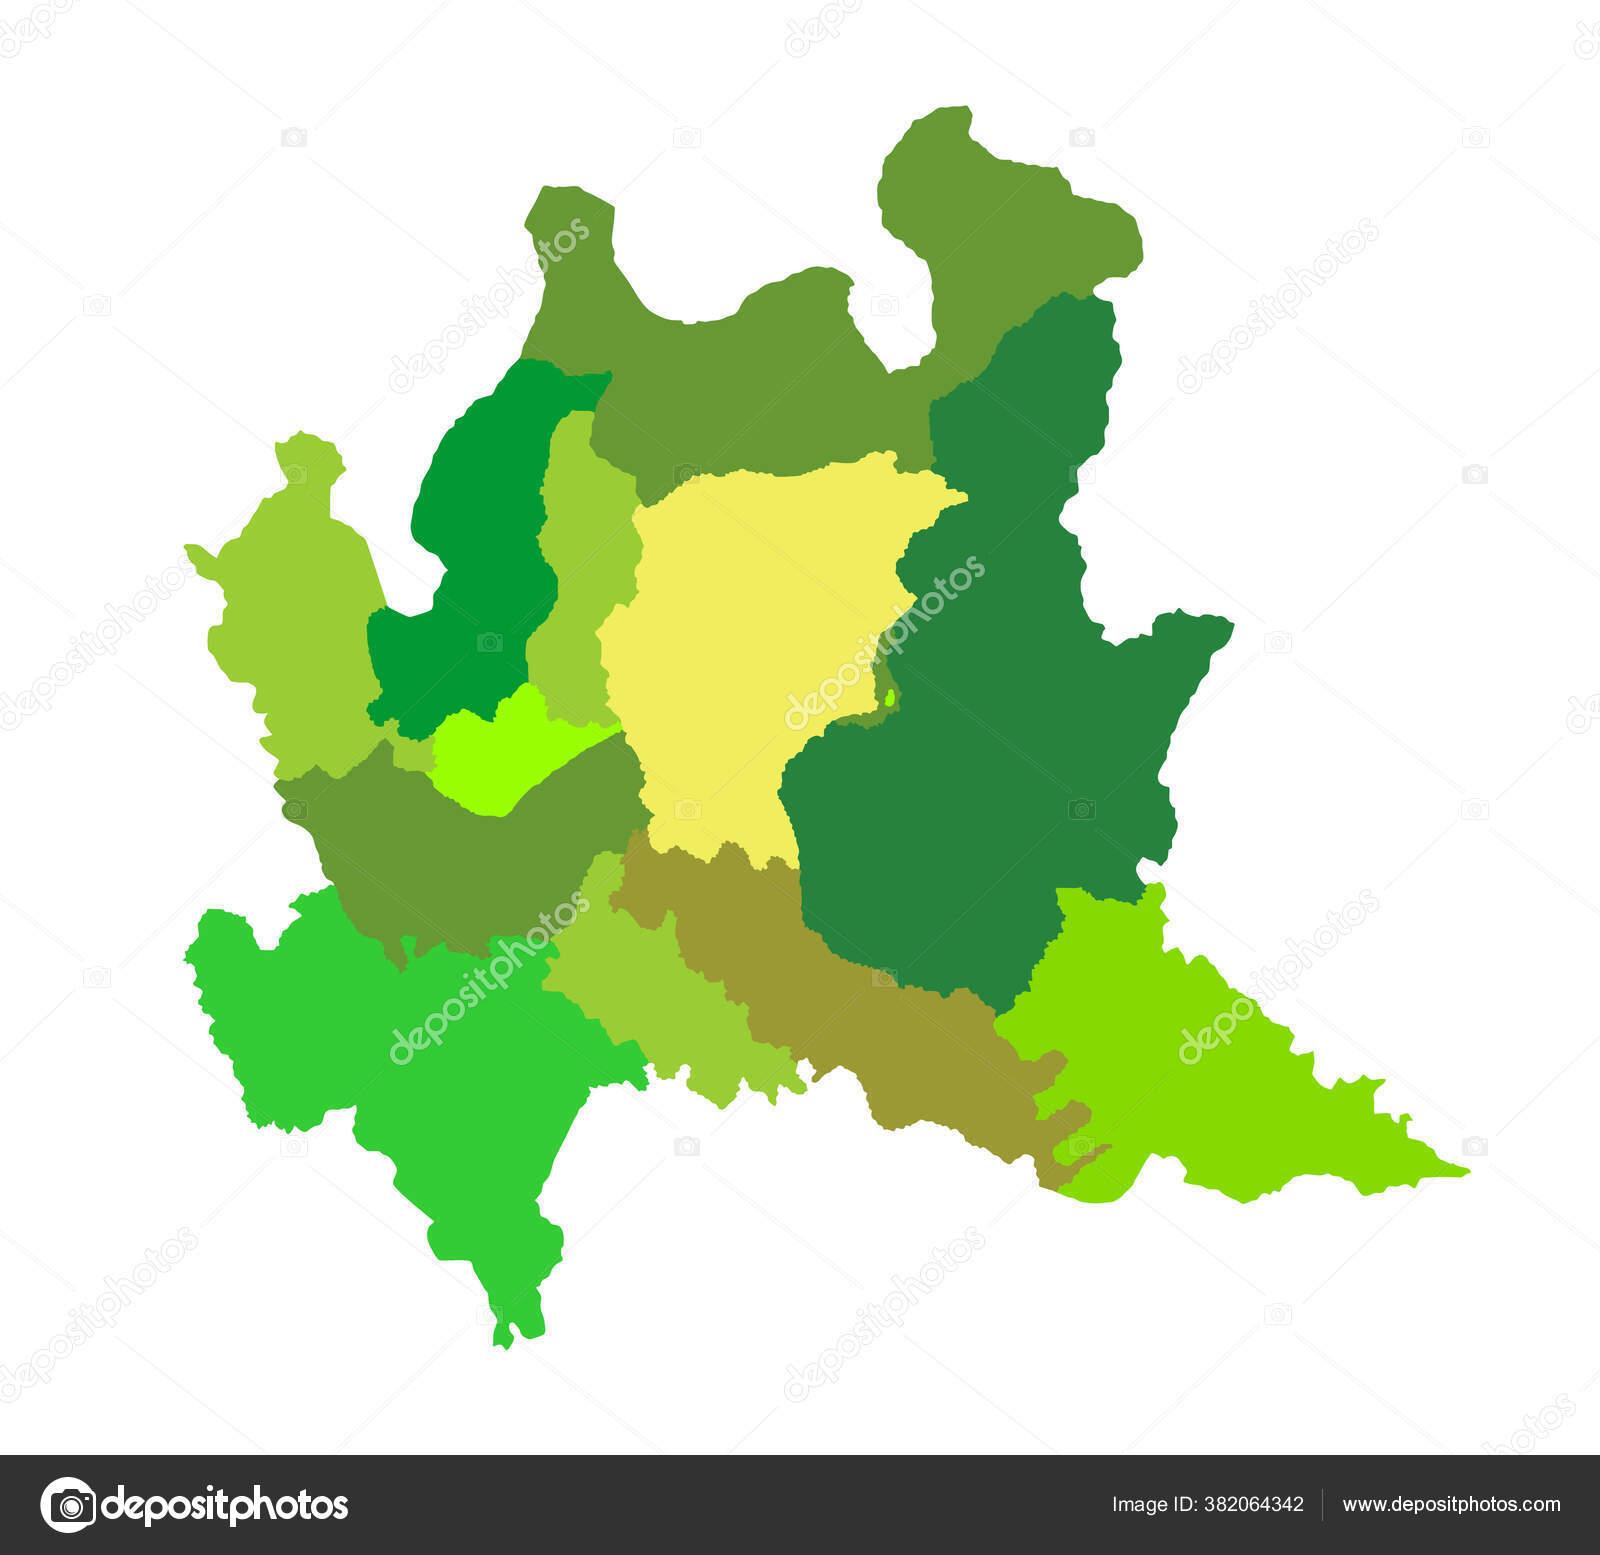 Cartina Dettagliata Lombardia.Cartina Regione Lombardia Vettori Stock Immagini Disegni Cartina Regione Lombardia Grafica Vettoriale Da Depositphotos